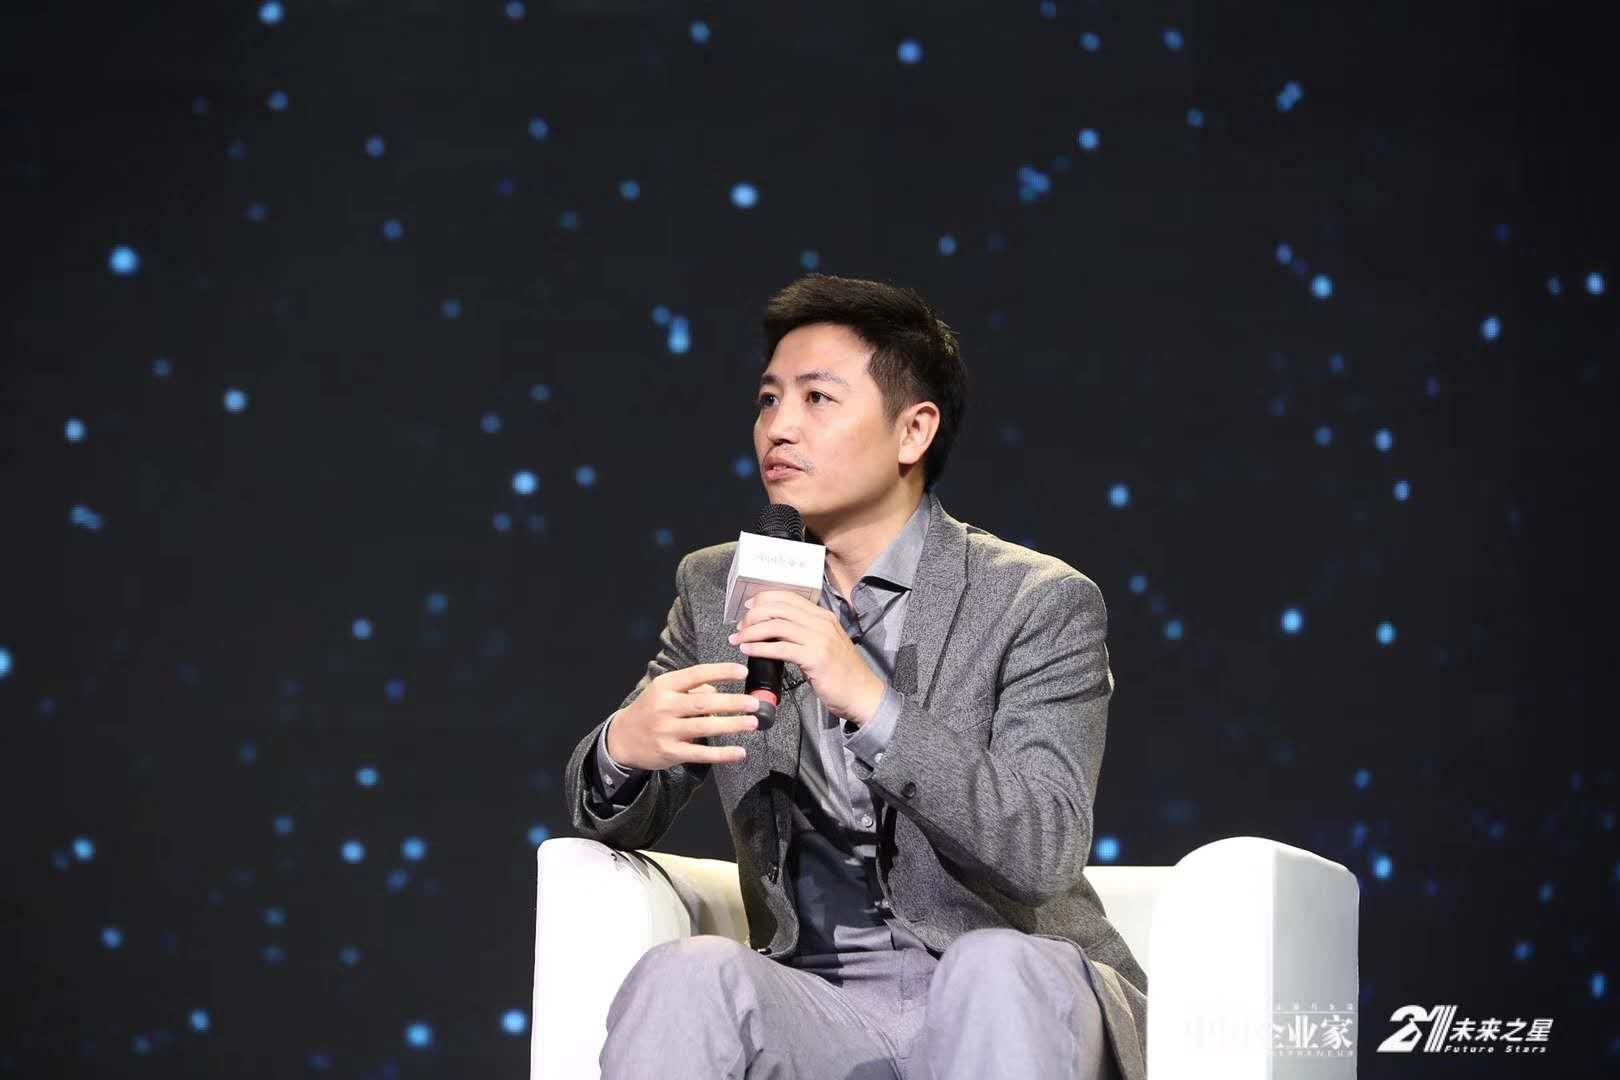 柔宇刘自鸿:一天工作16个小时 没采用国外技术路线